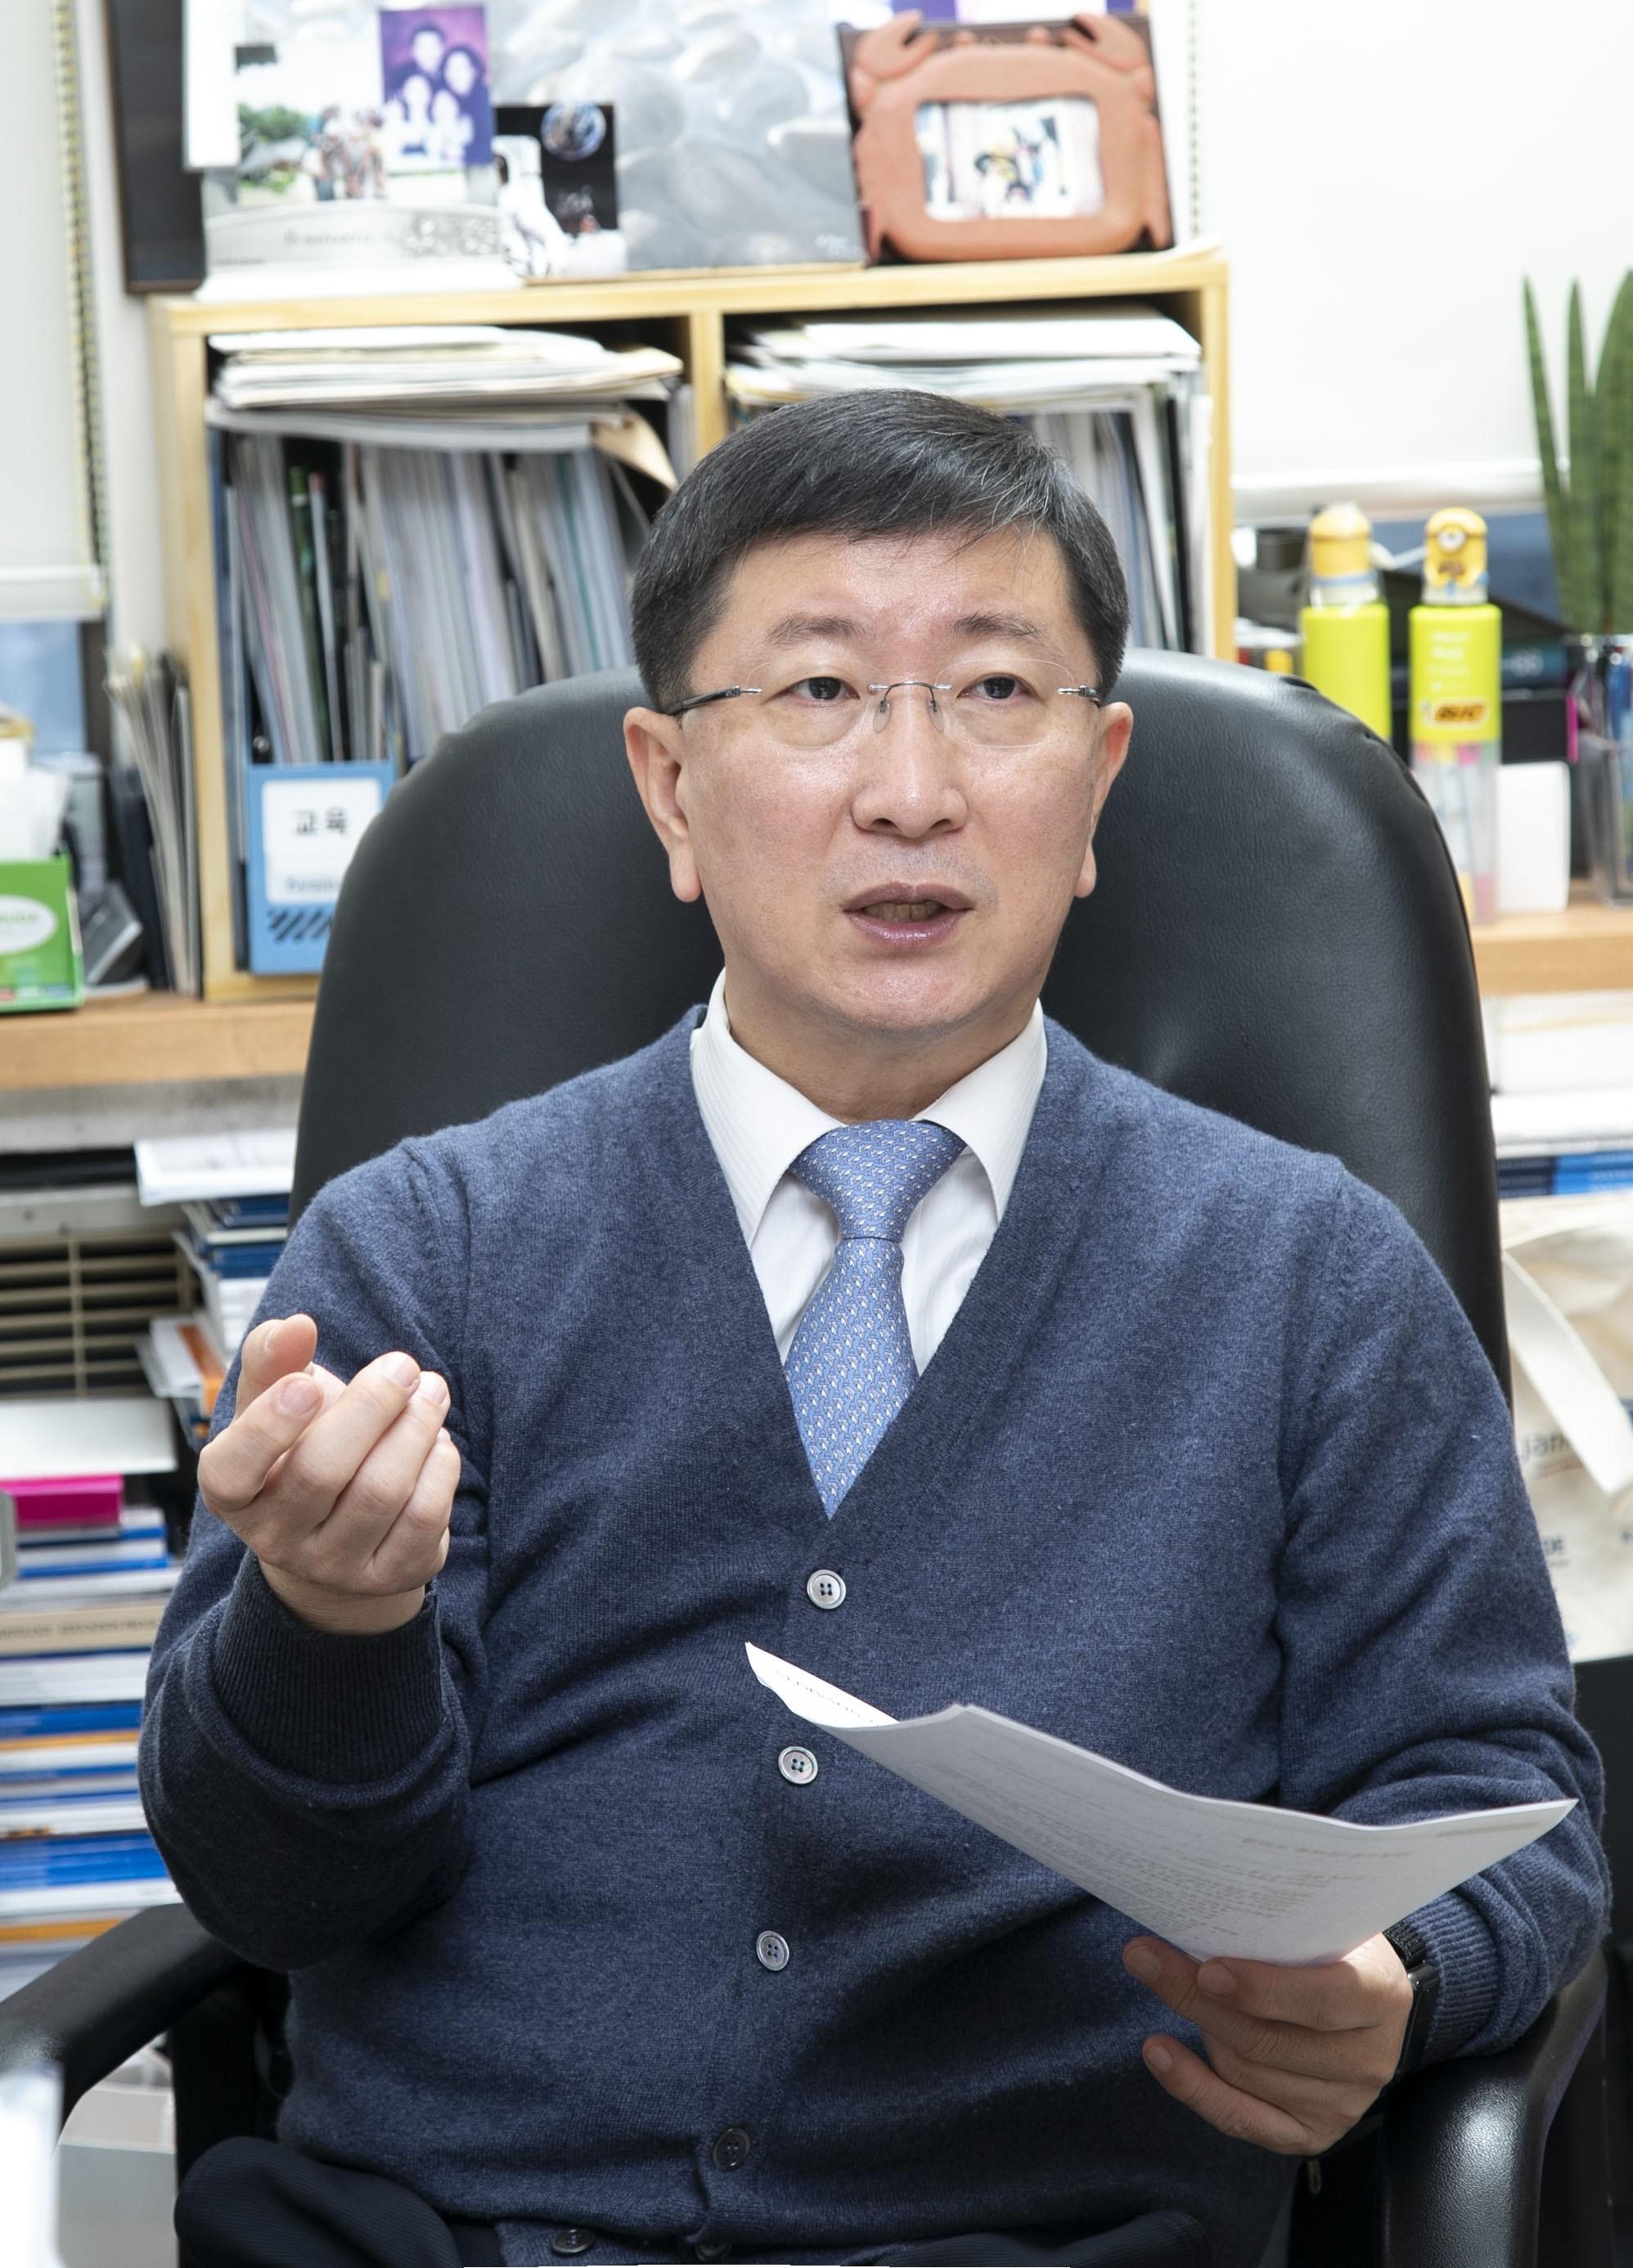 서울대병원 혈액종양내과 윤성수 교수